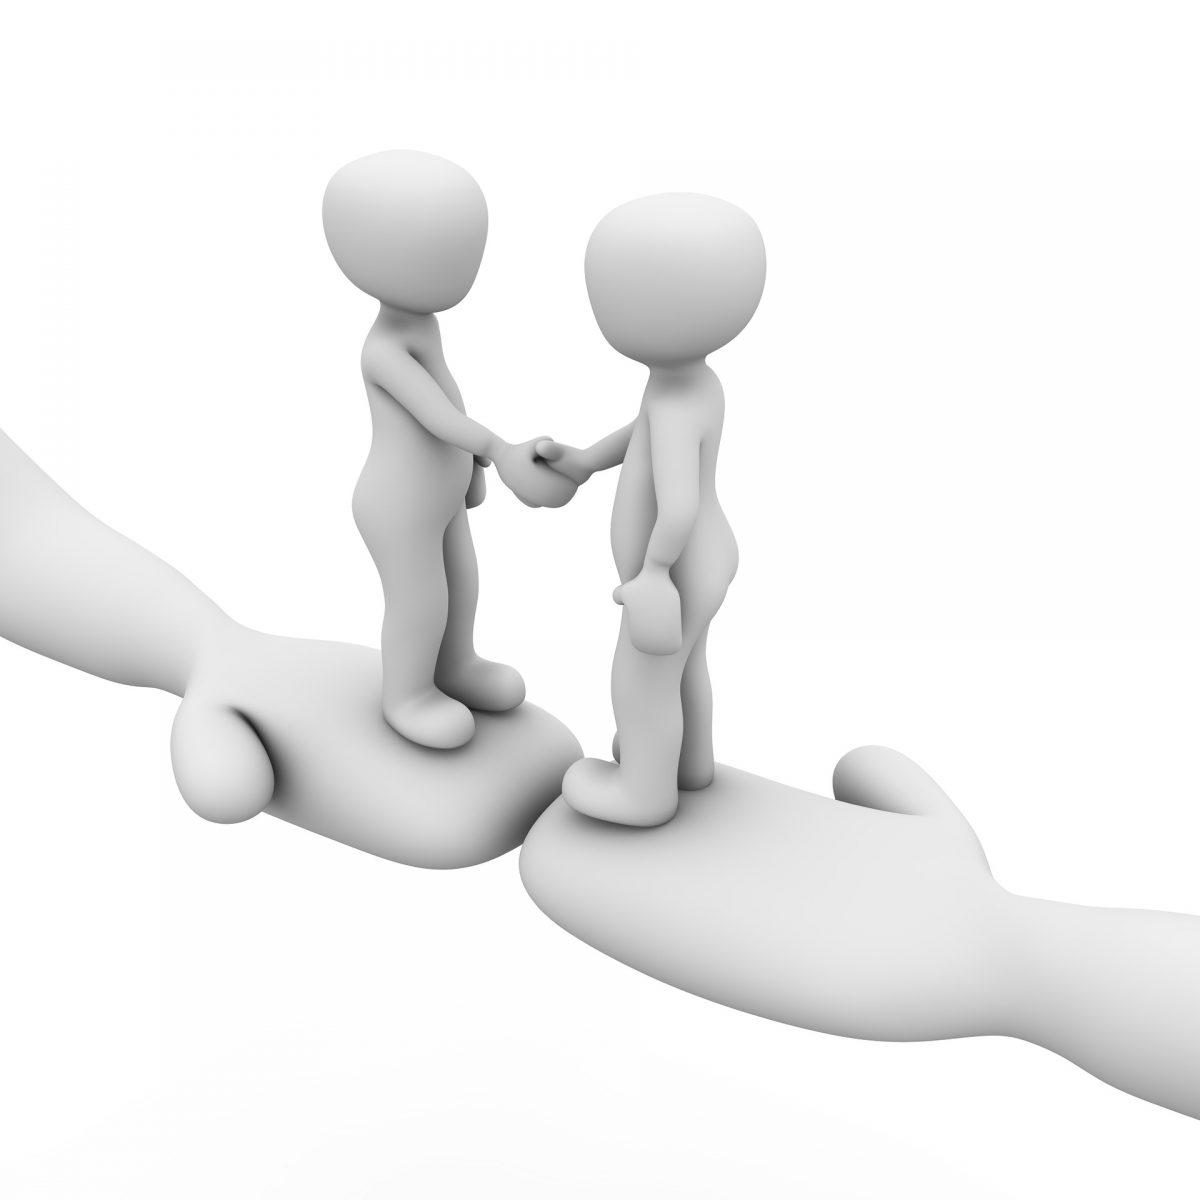 Preisverhandlungen führen werteorientiertes-verkaufen-kompetenzen-ulrike-knauer-verkauf-vertrieb-verkaufsseminar-verkaufstraining-muenchen-zufriedenheit-spitzenverkaeufer-vertrauen